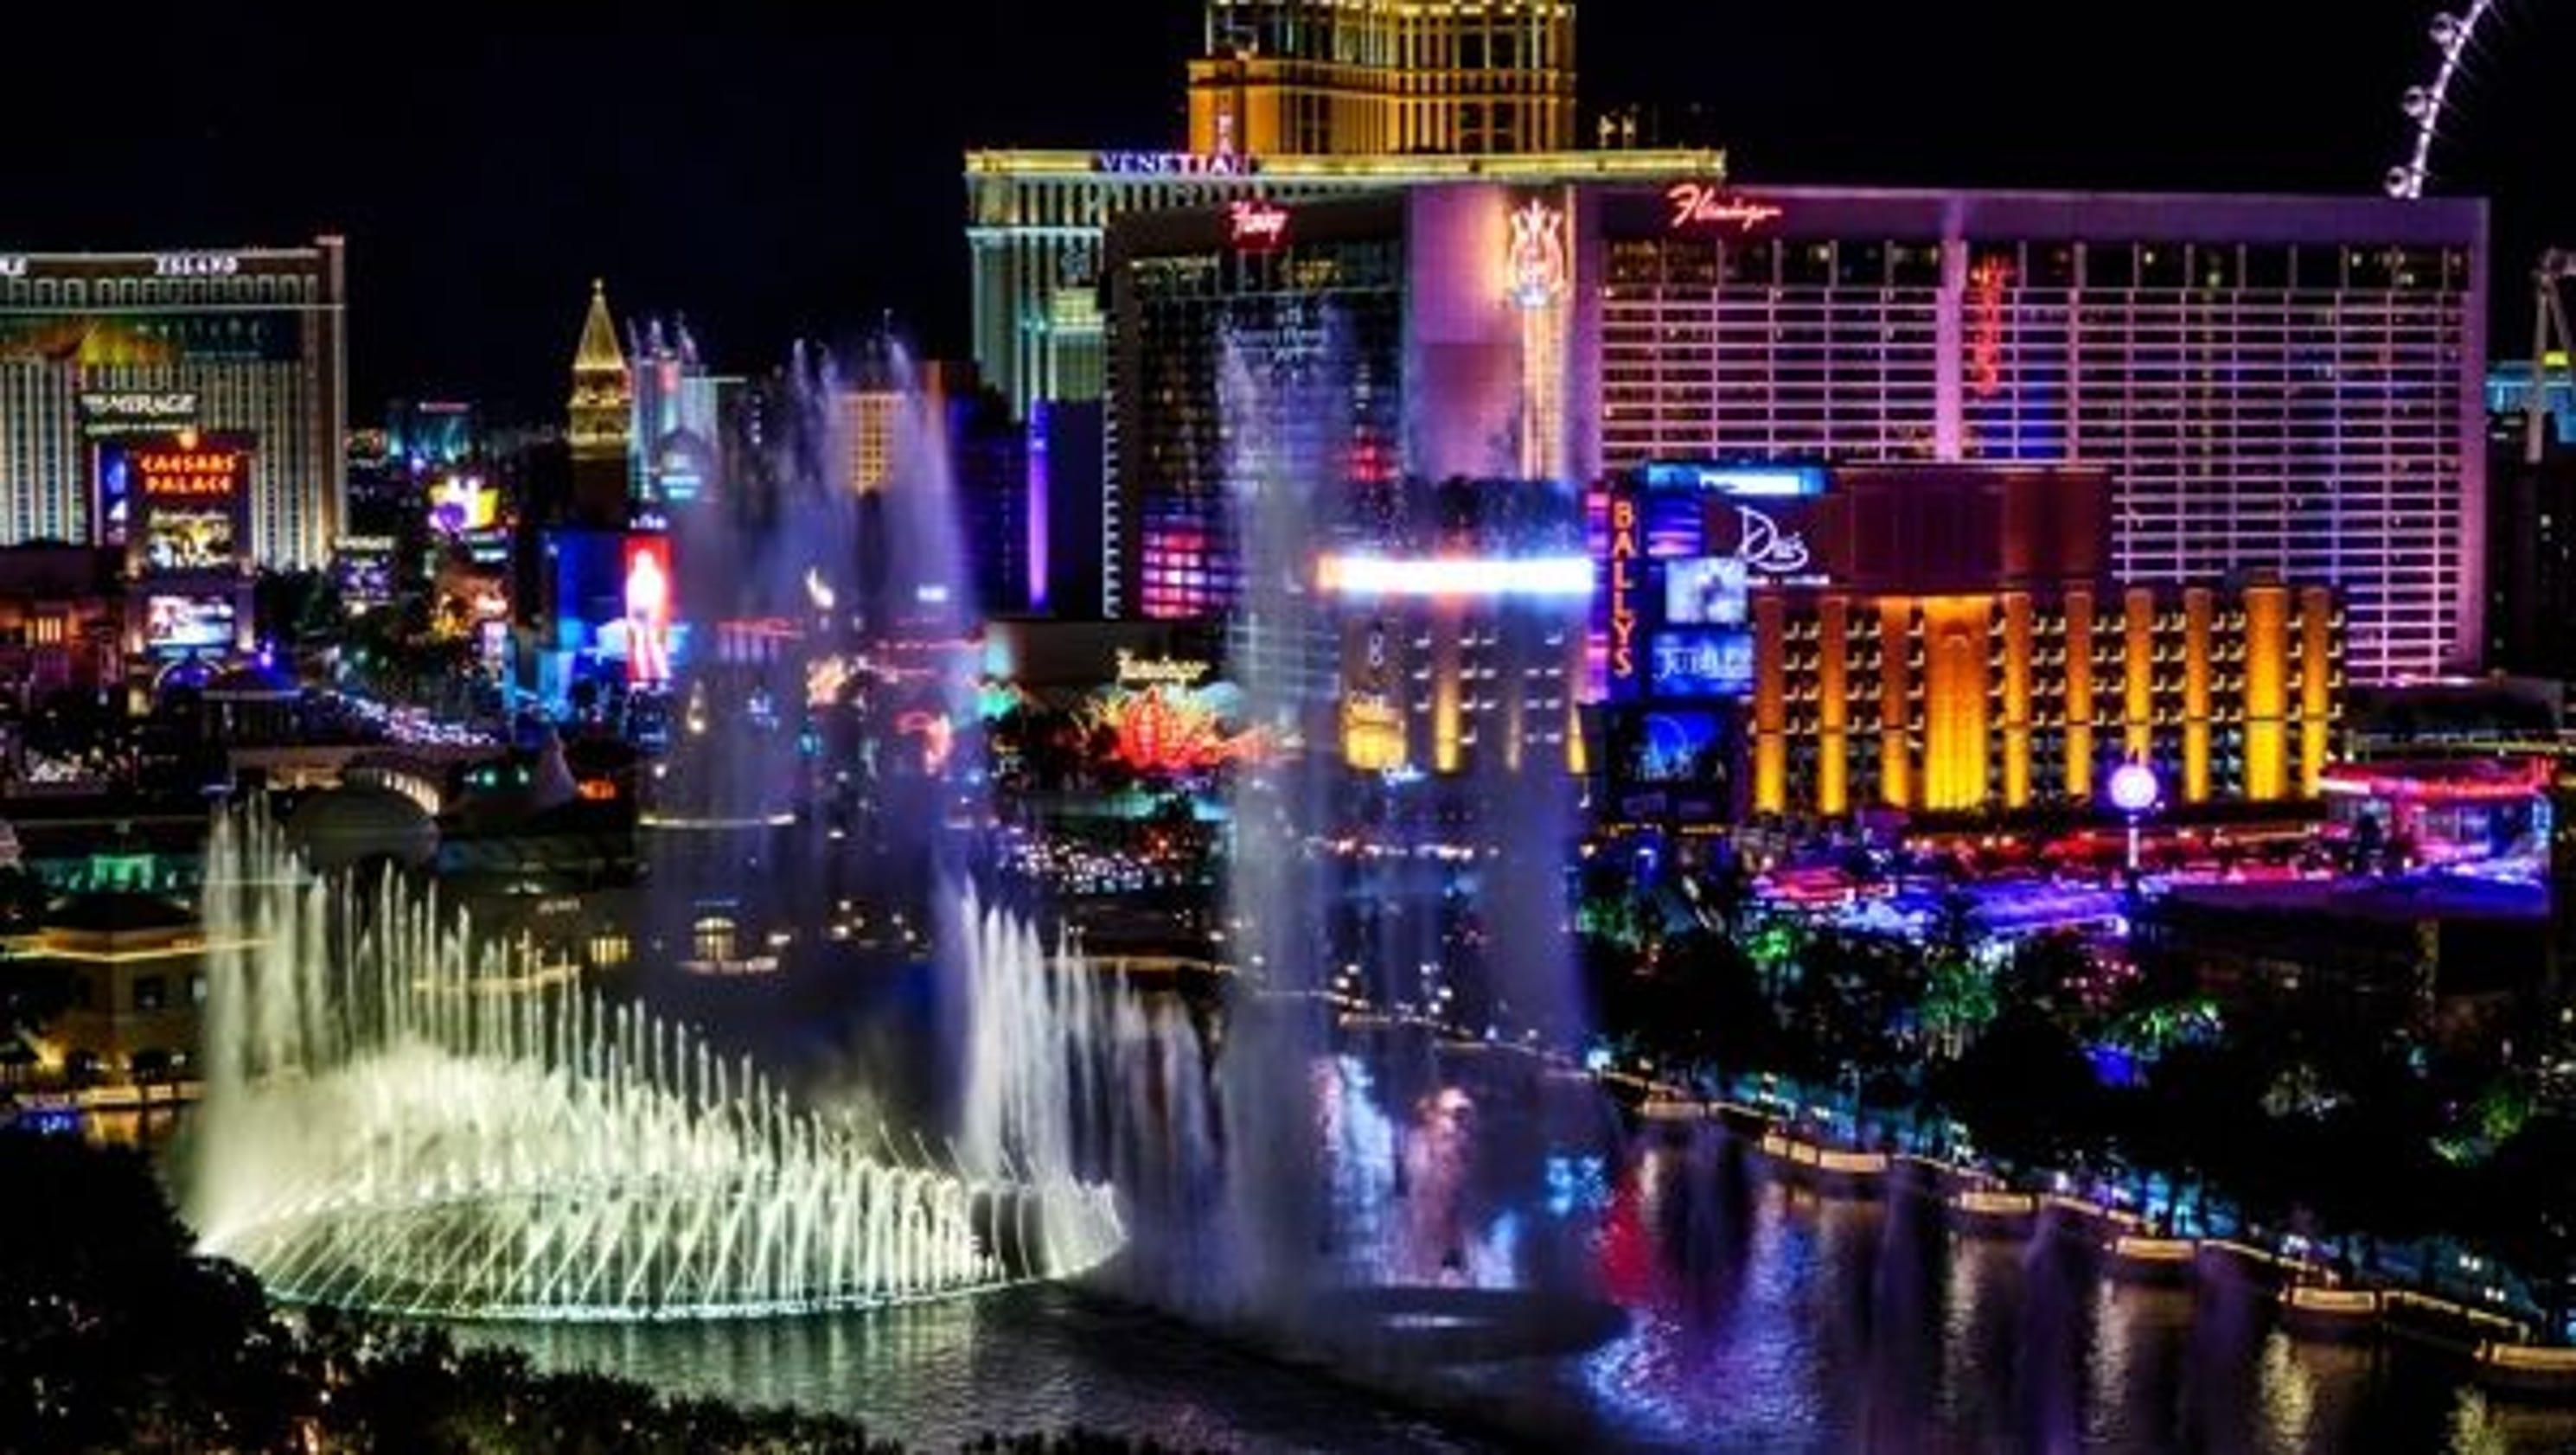 Wynn Hotel Vegas Shows